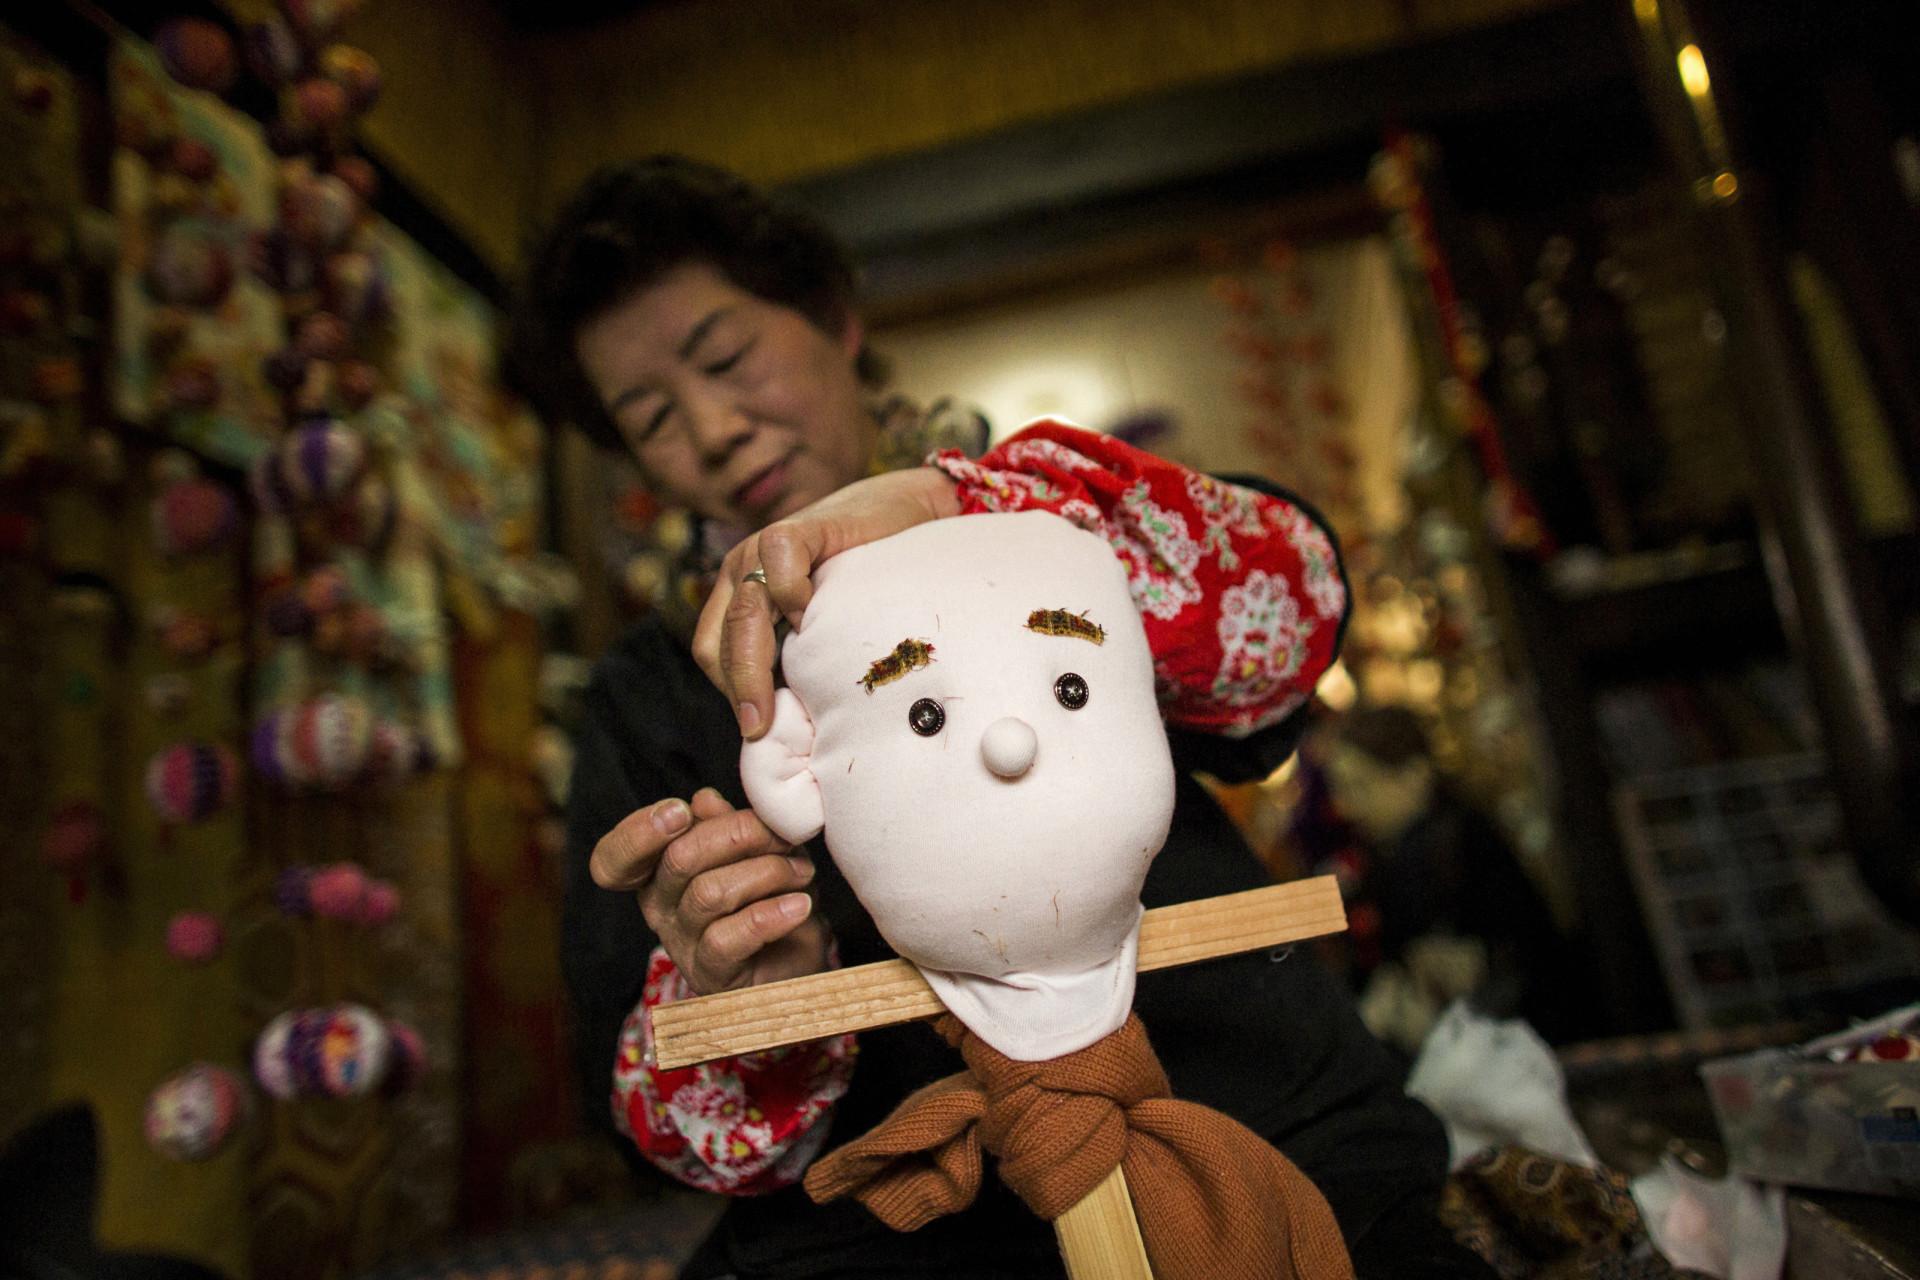 A aldeia japonesa que ganhou 'vida' de uma forma bizarra